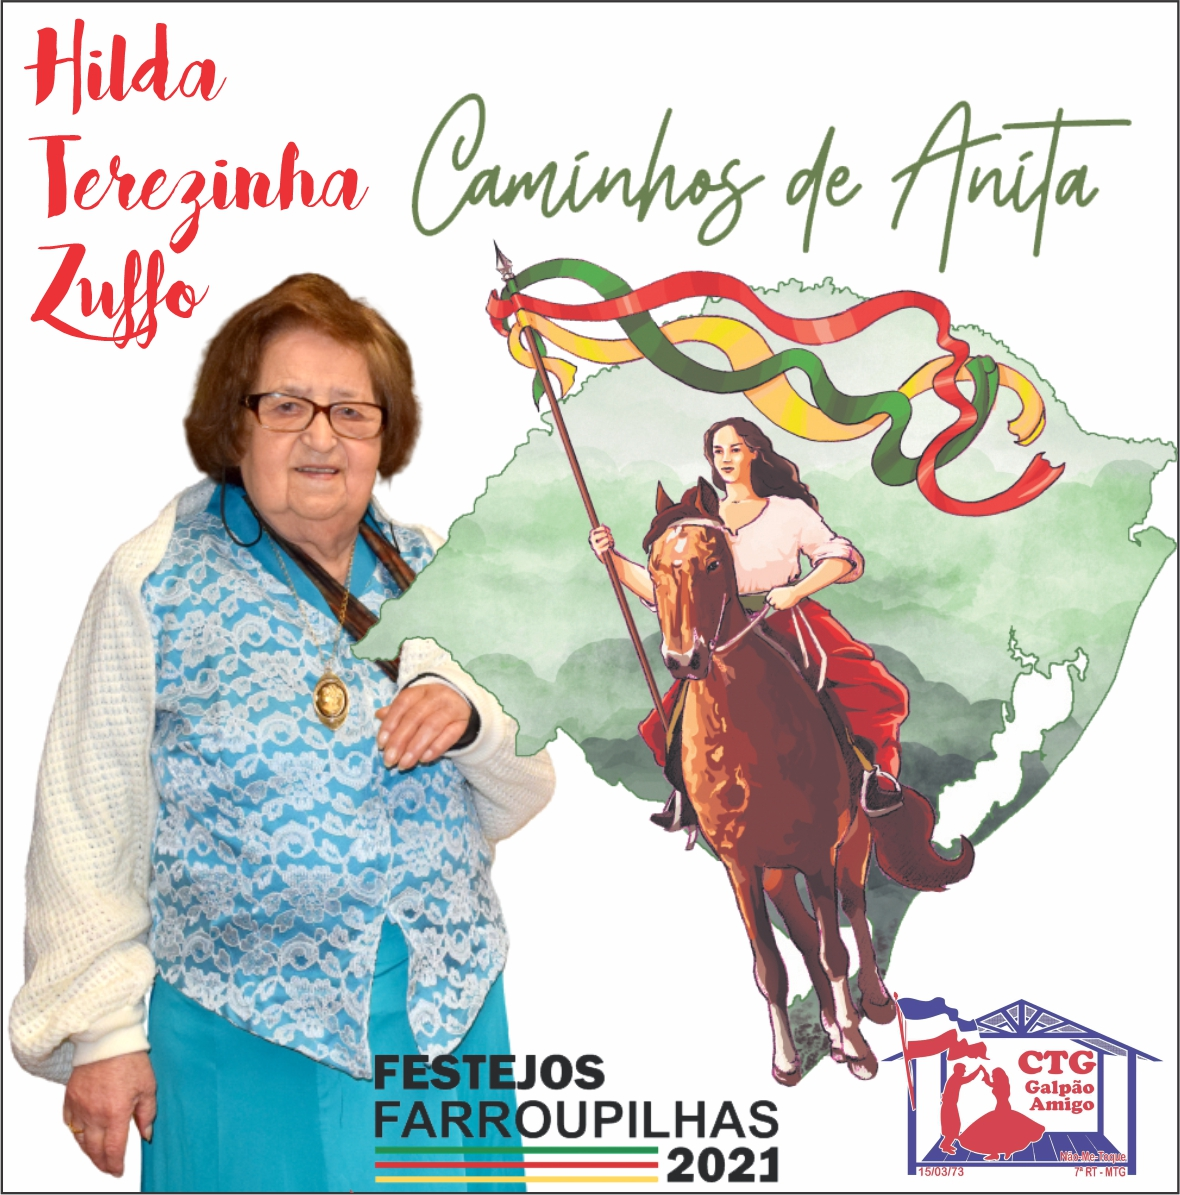 Festejos Farroupilha: programação abre dia 12 com homenagem às mulheres e inspiração em Anita Garibaldi